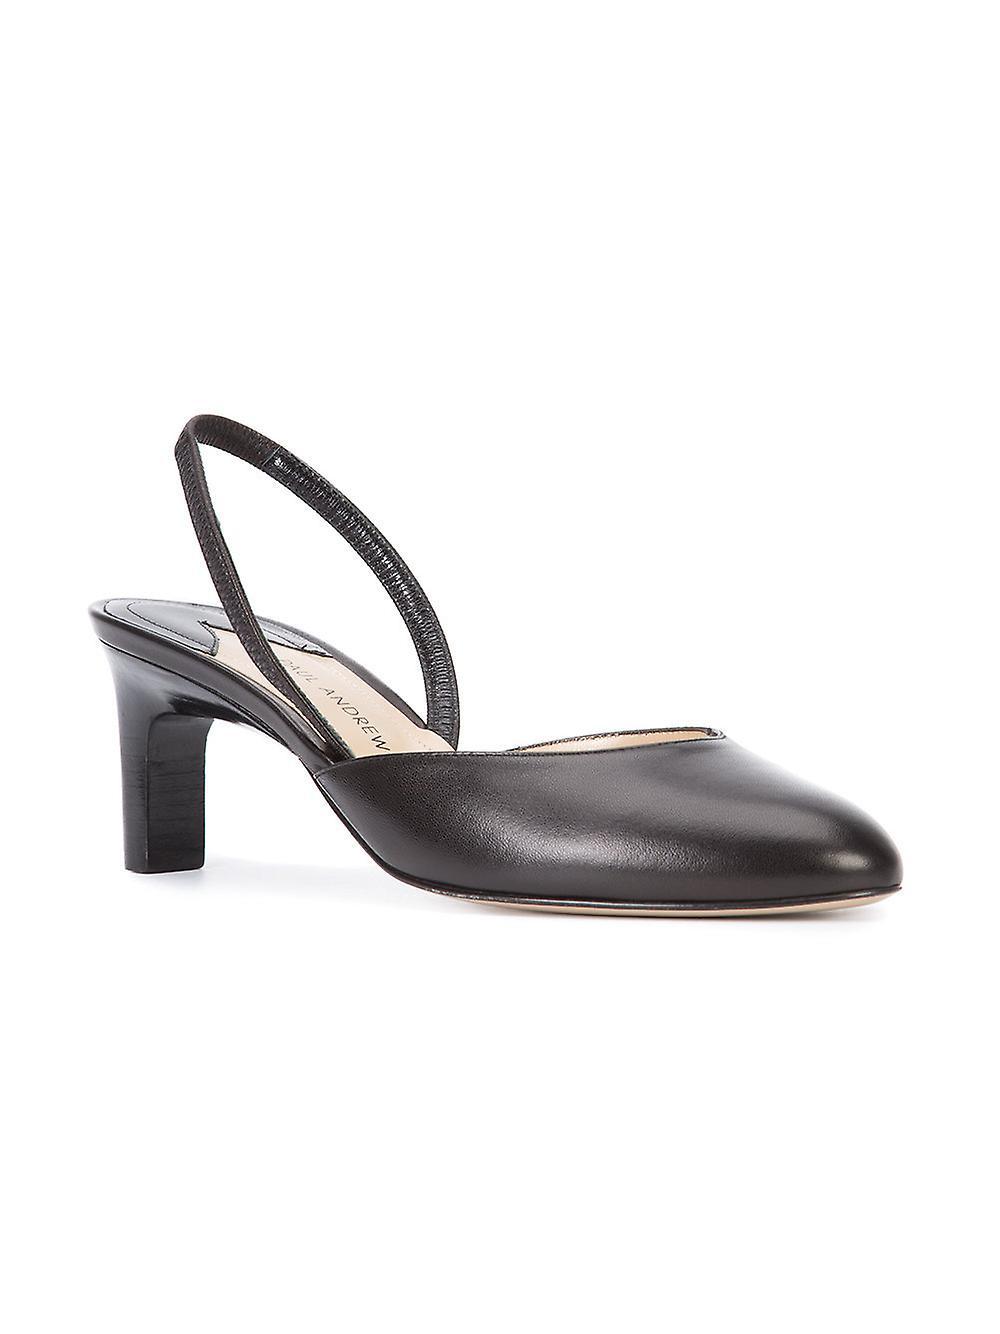 Paul Andrew Womens Celestine læder lukket tå formelle slingback sandaler